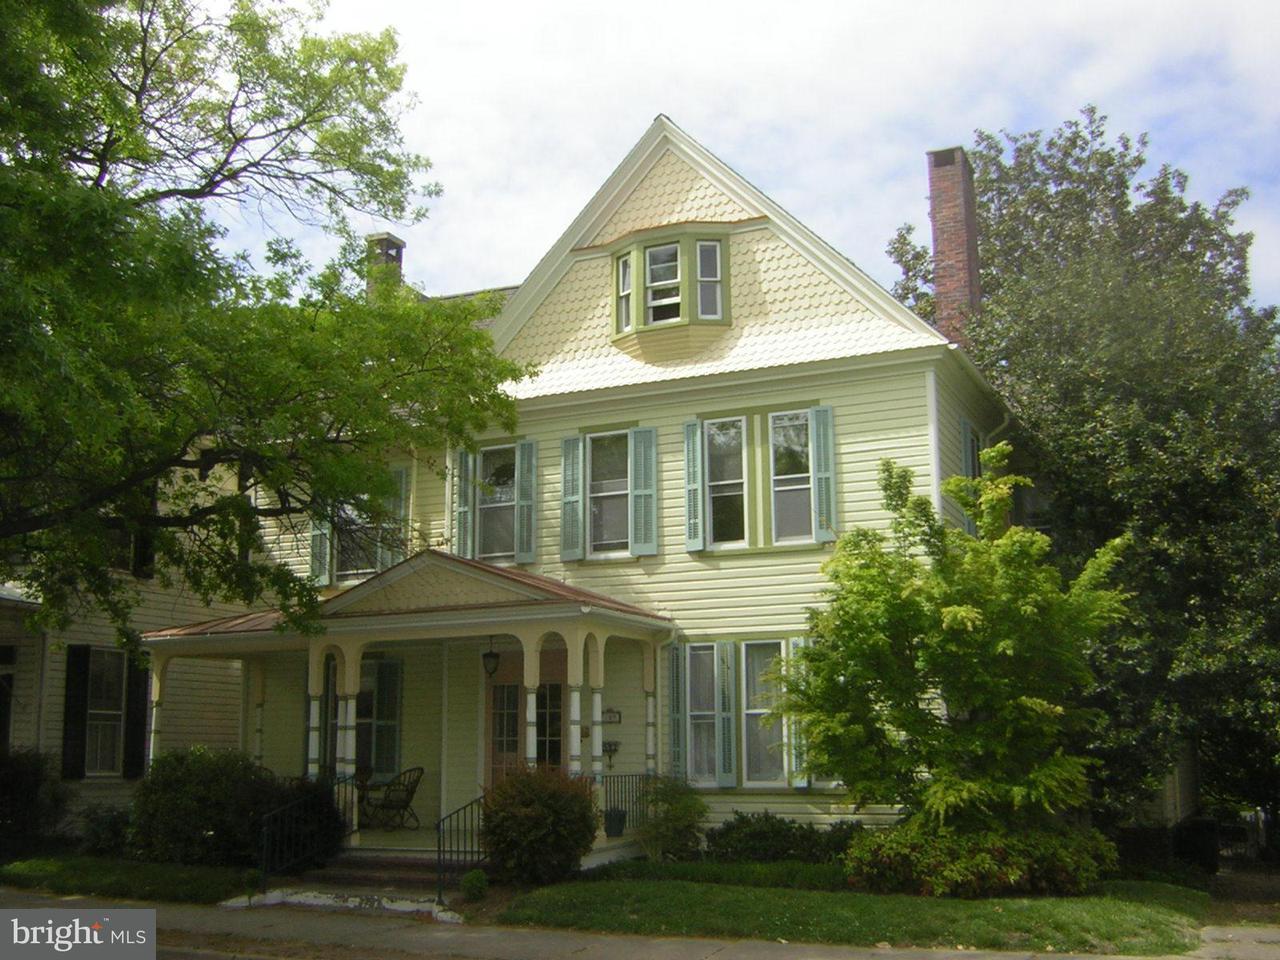 Comercial para Venda às 109 GOLDSBOROUGH Street 109 GOLDSBOROUGH Street Easton, Maryland 21601 Estados Unidos